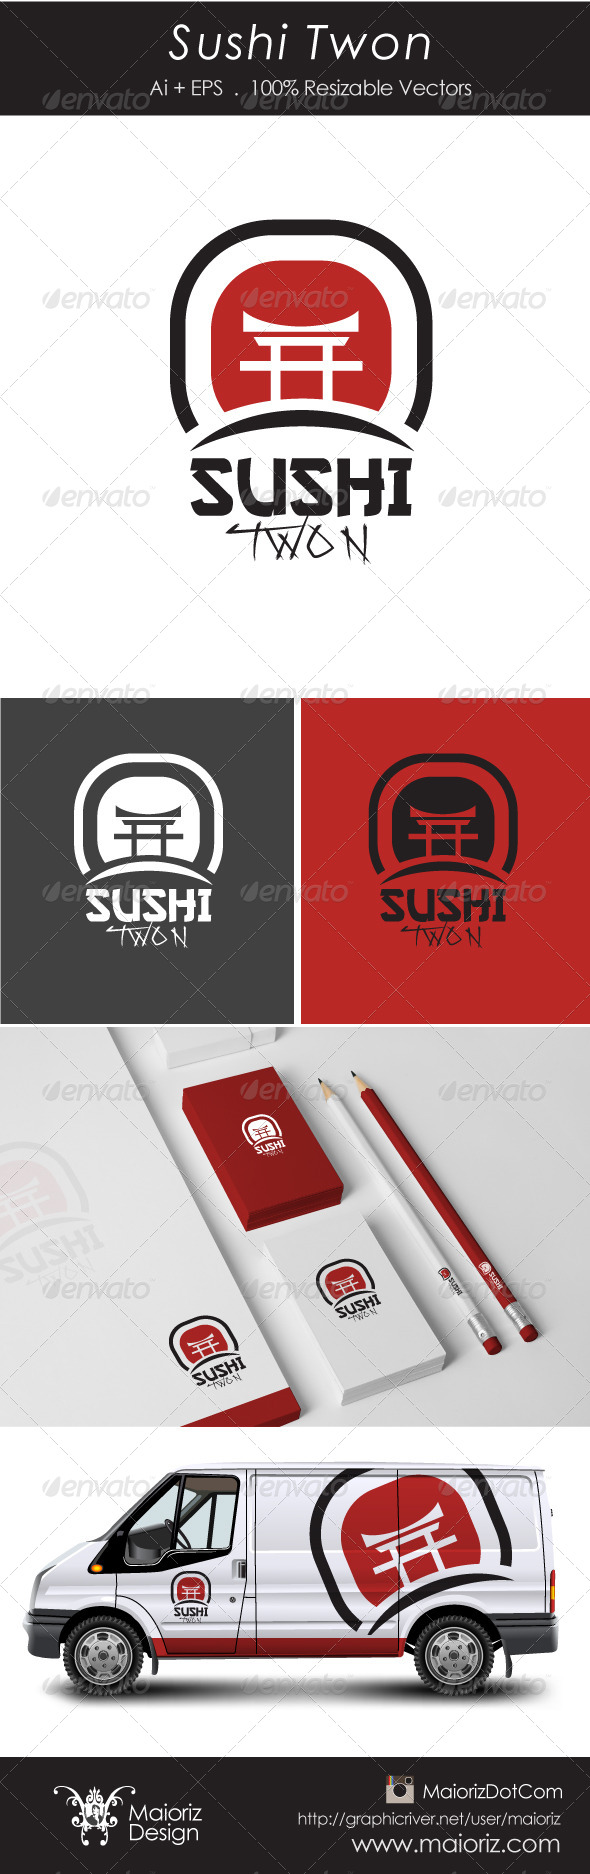 Sushi Twon Logotype